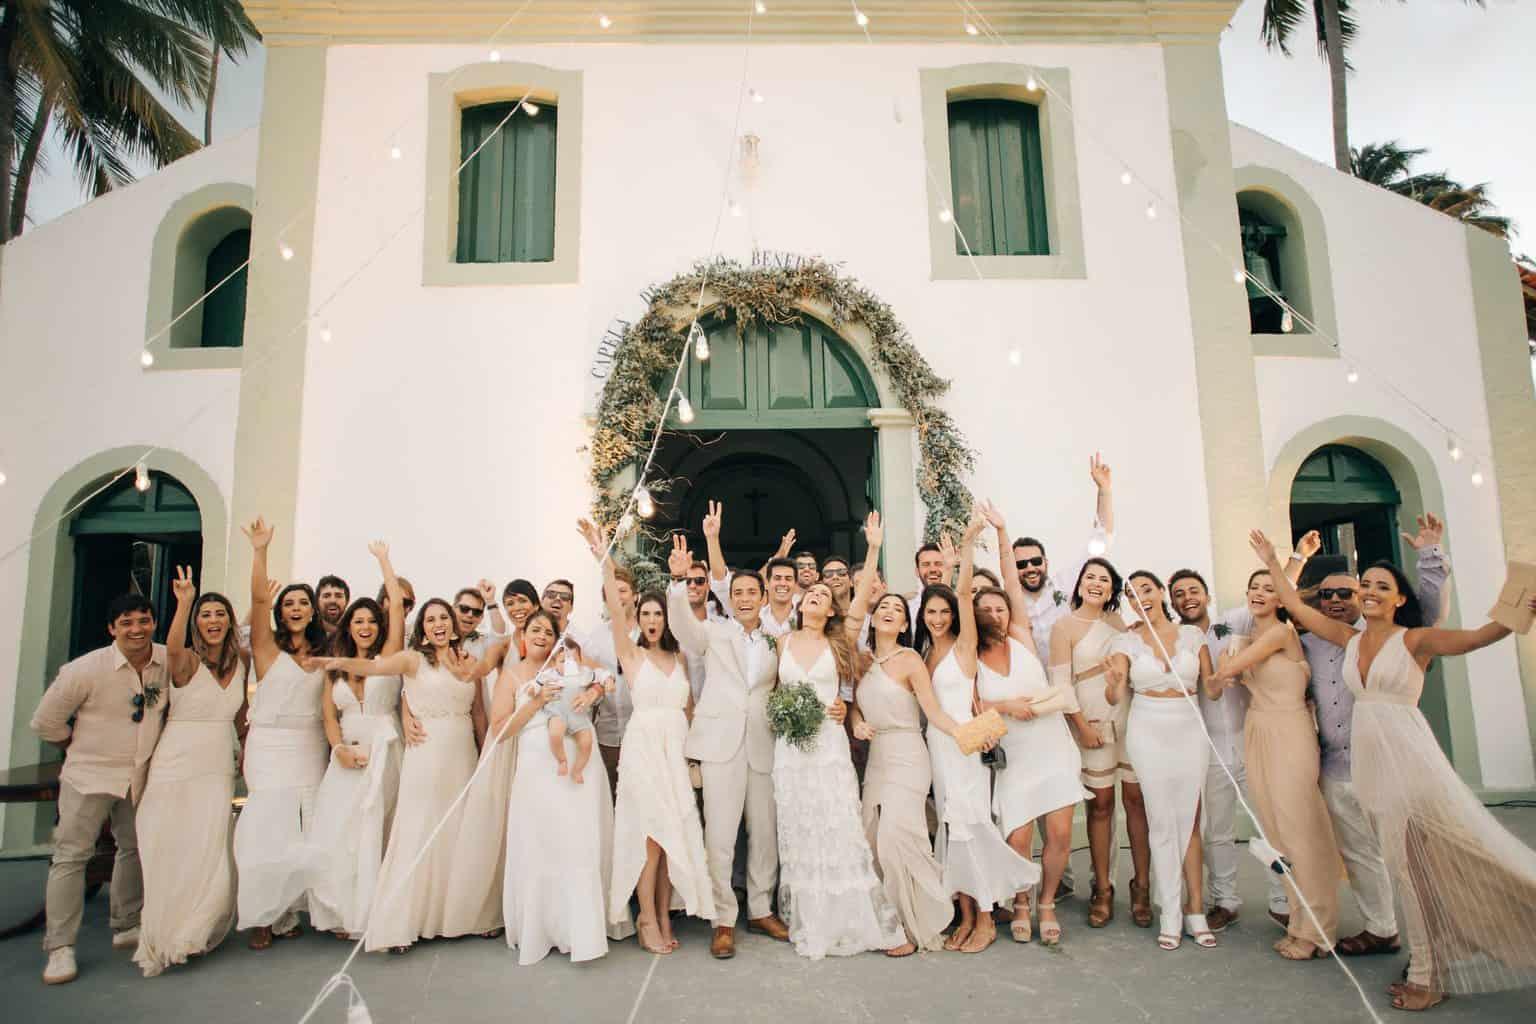 casamento-Danielle-e-Guilherme-aloha-fotografia-caseme-102